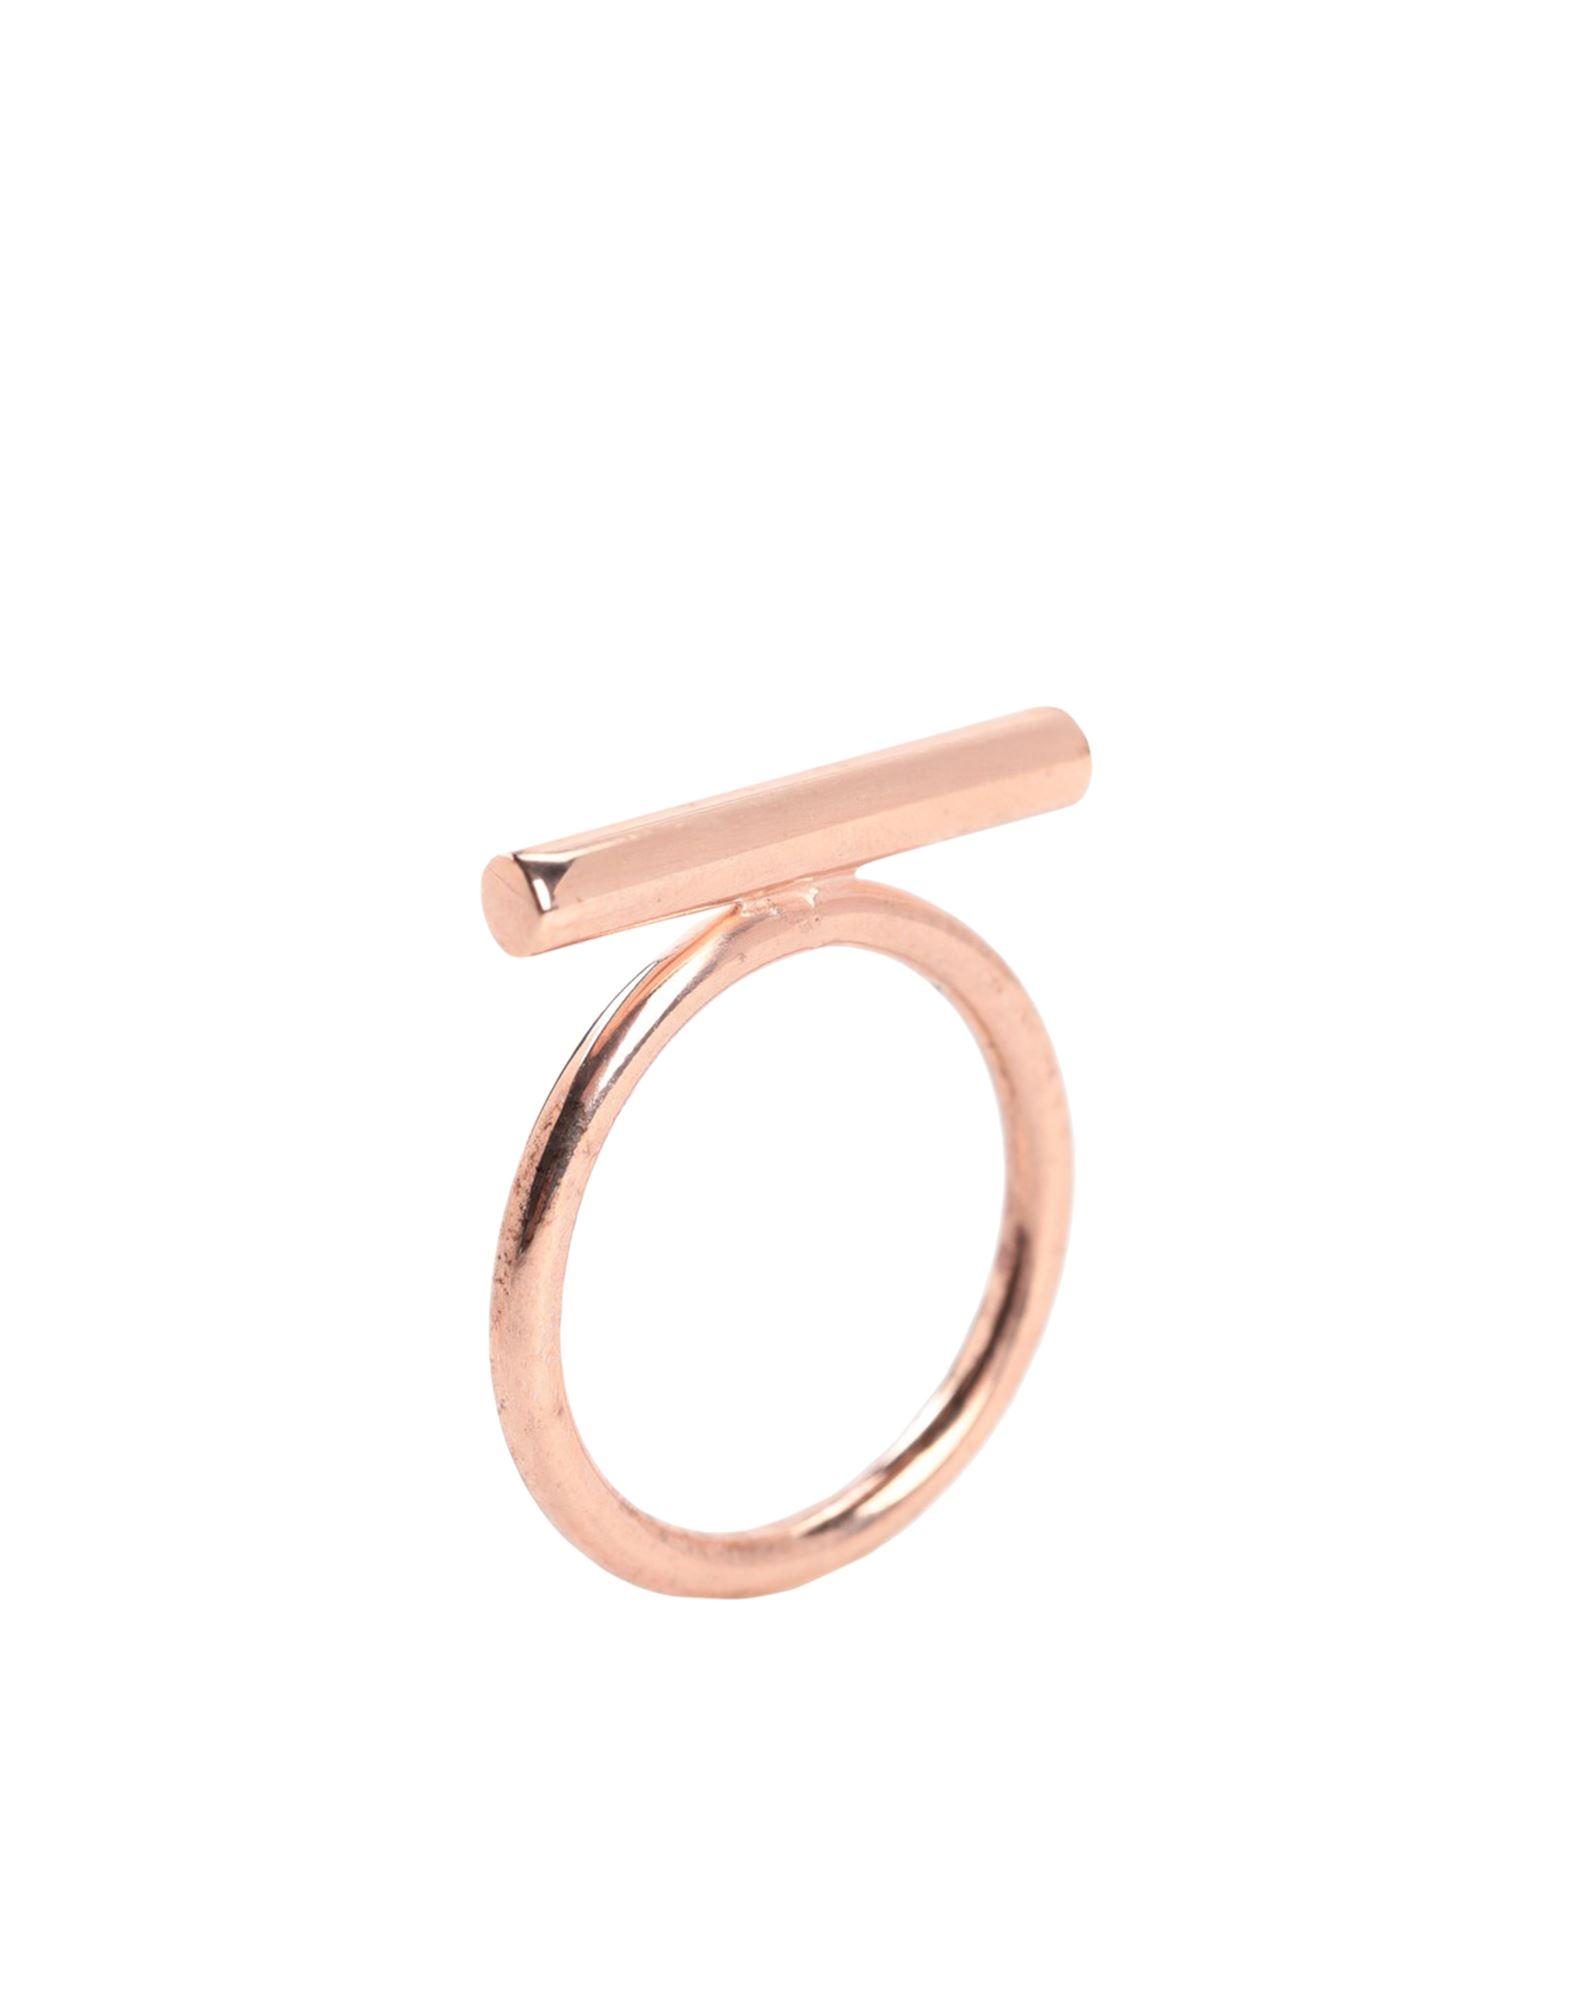 《セール開催中》NOVE25 レディース 指輪 カッパー 10 シルバー925/1000 BAR FINE RING